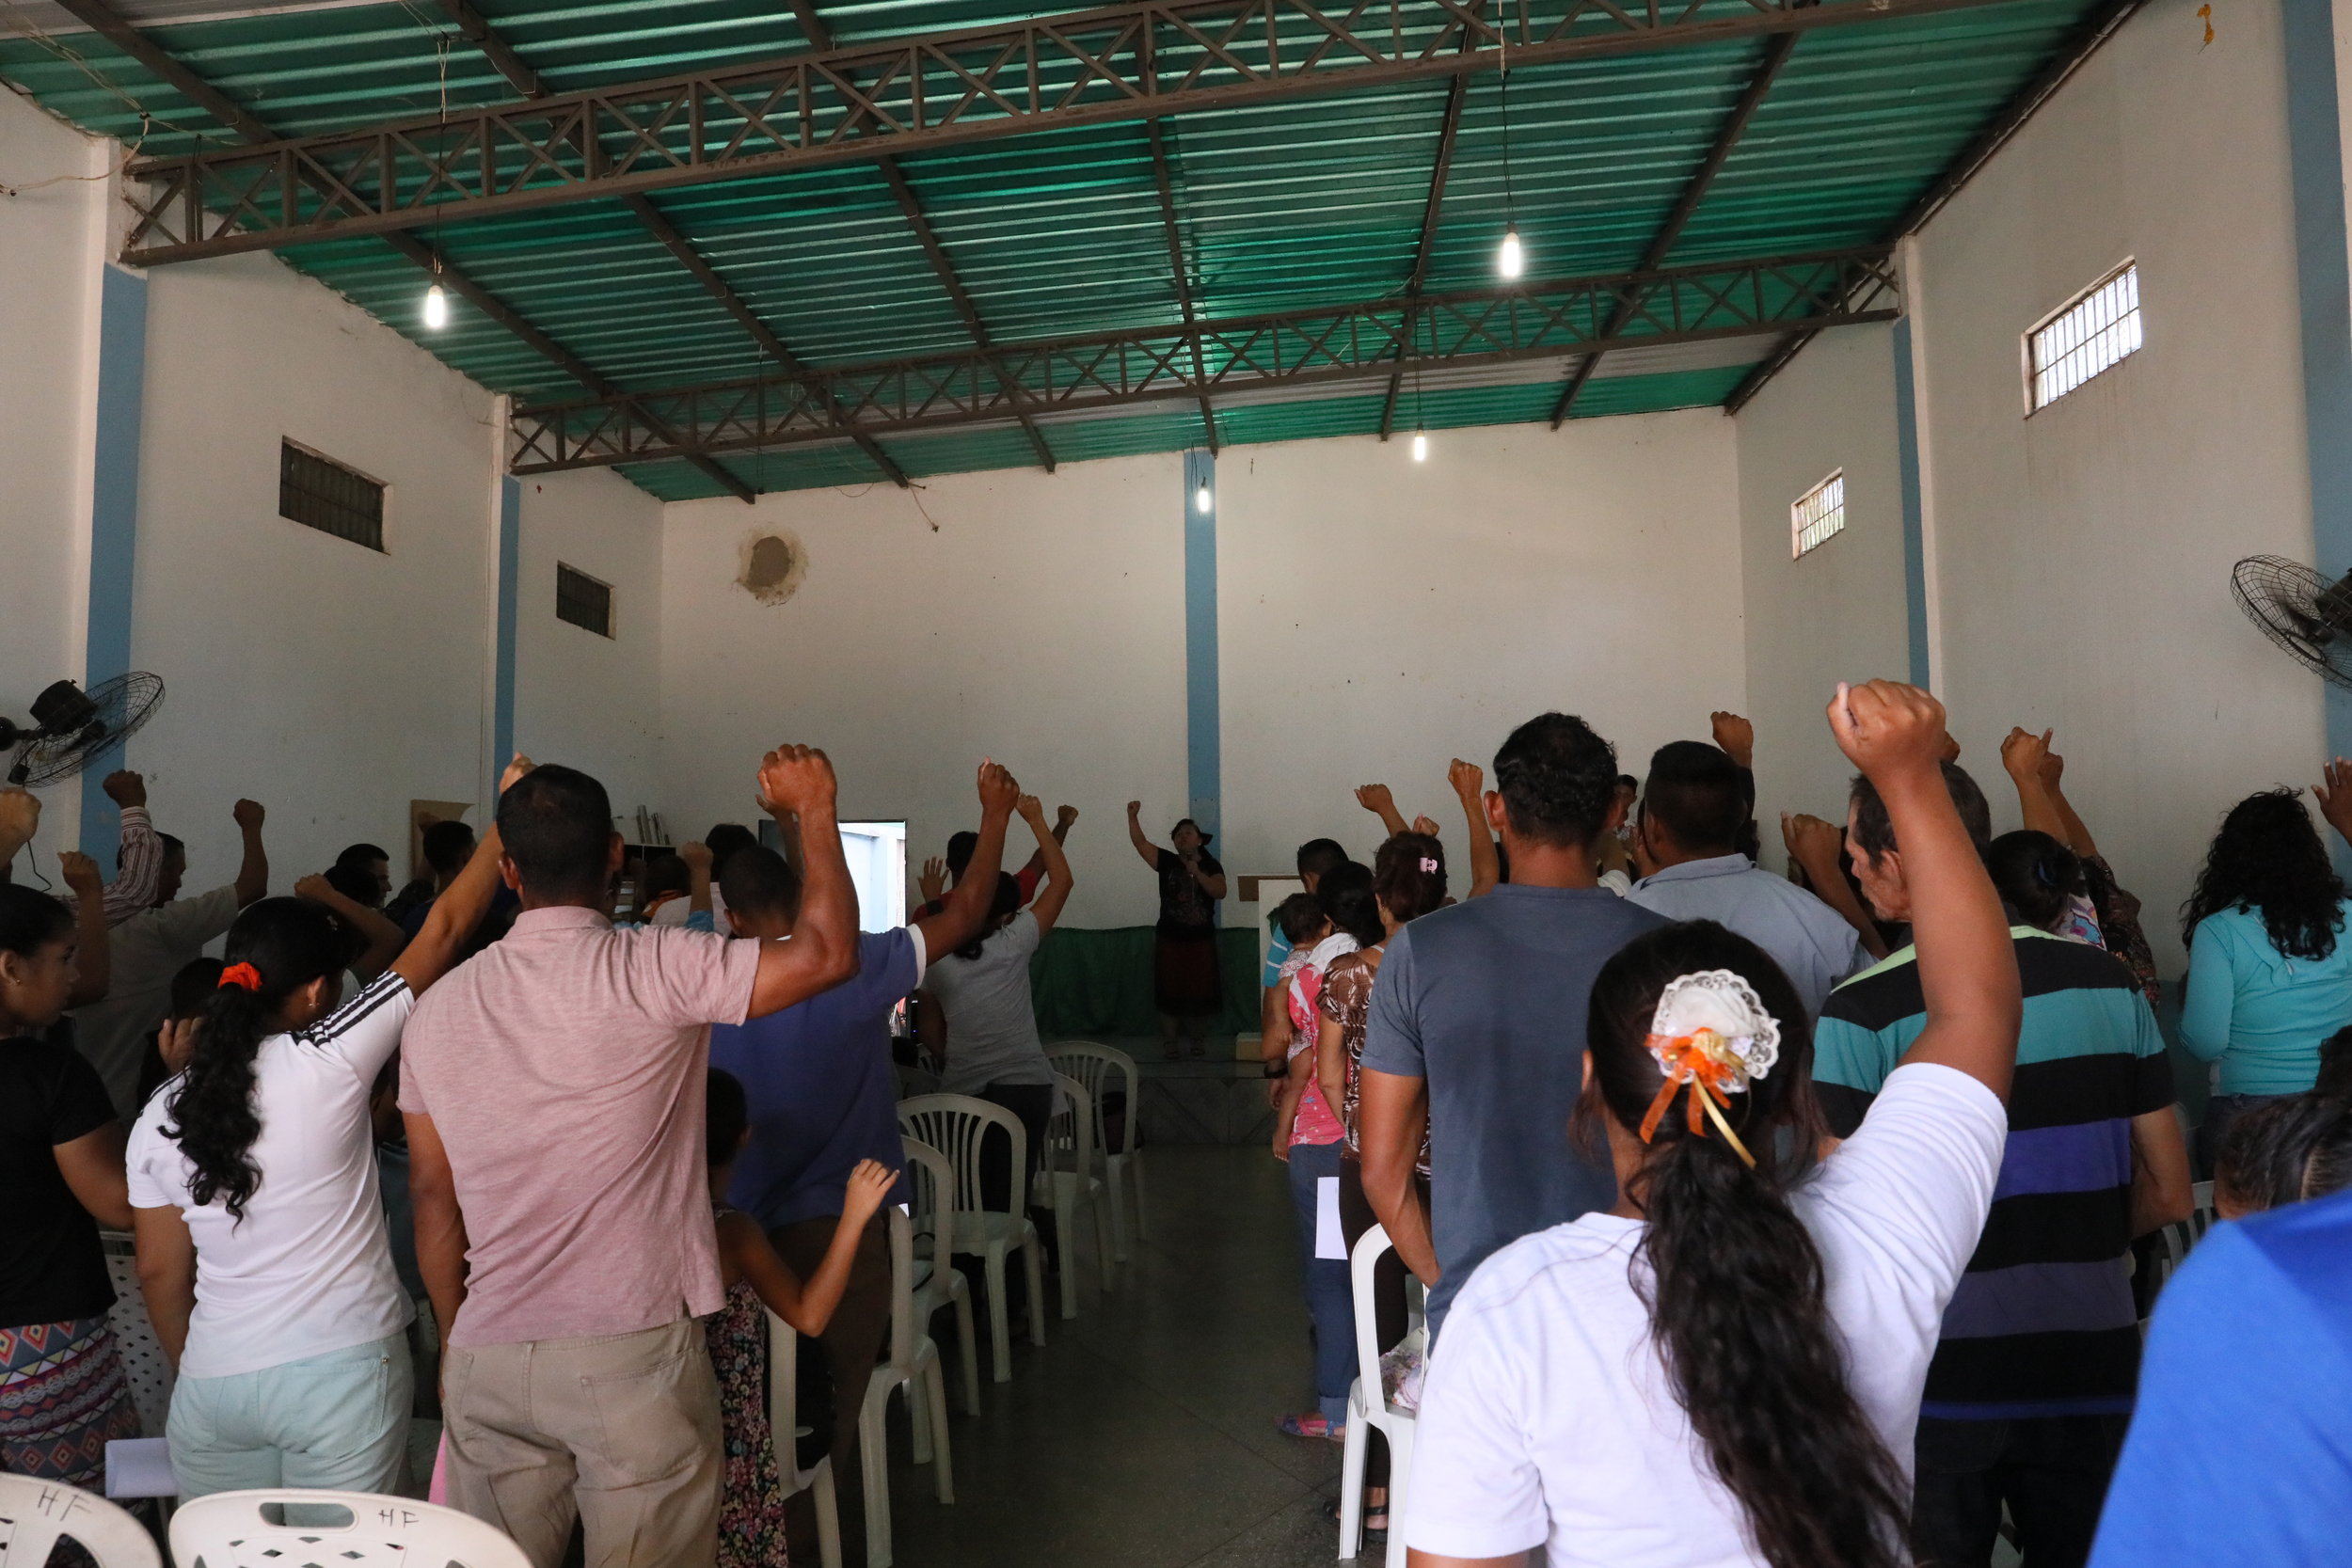 Photo by NCM South America